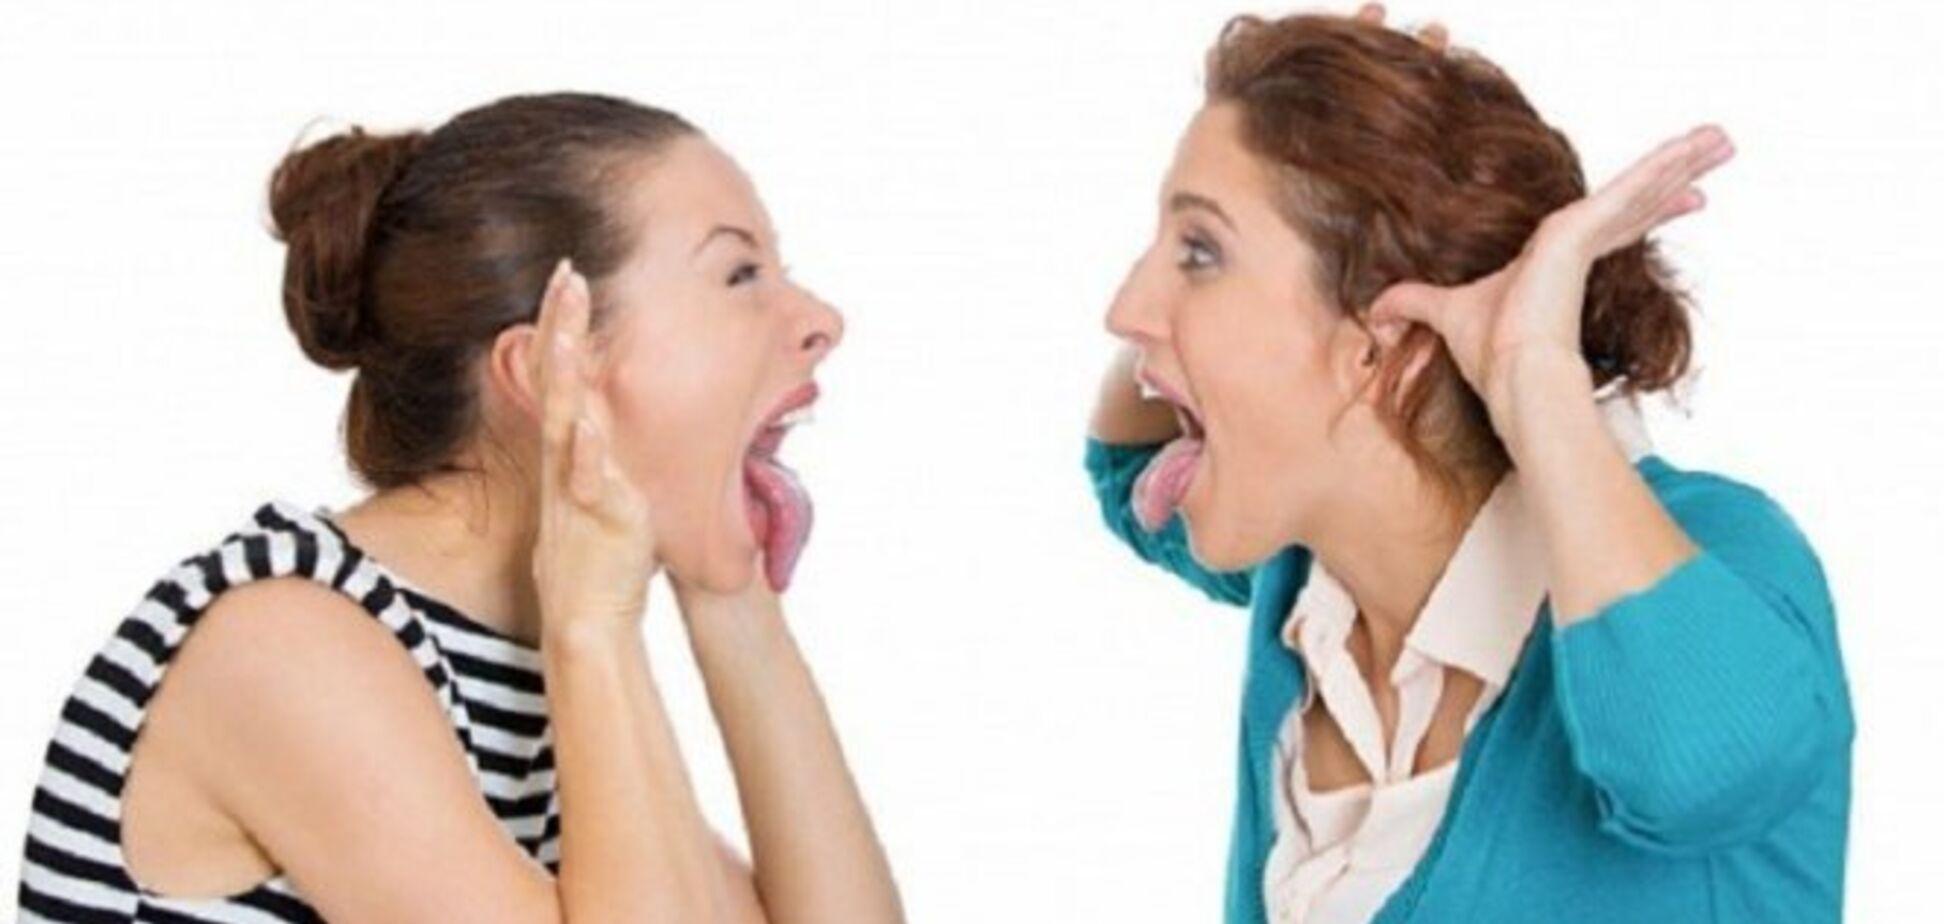 Не в своей тарелке: когда наше поведение не зависит от нас?